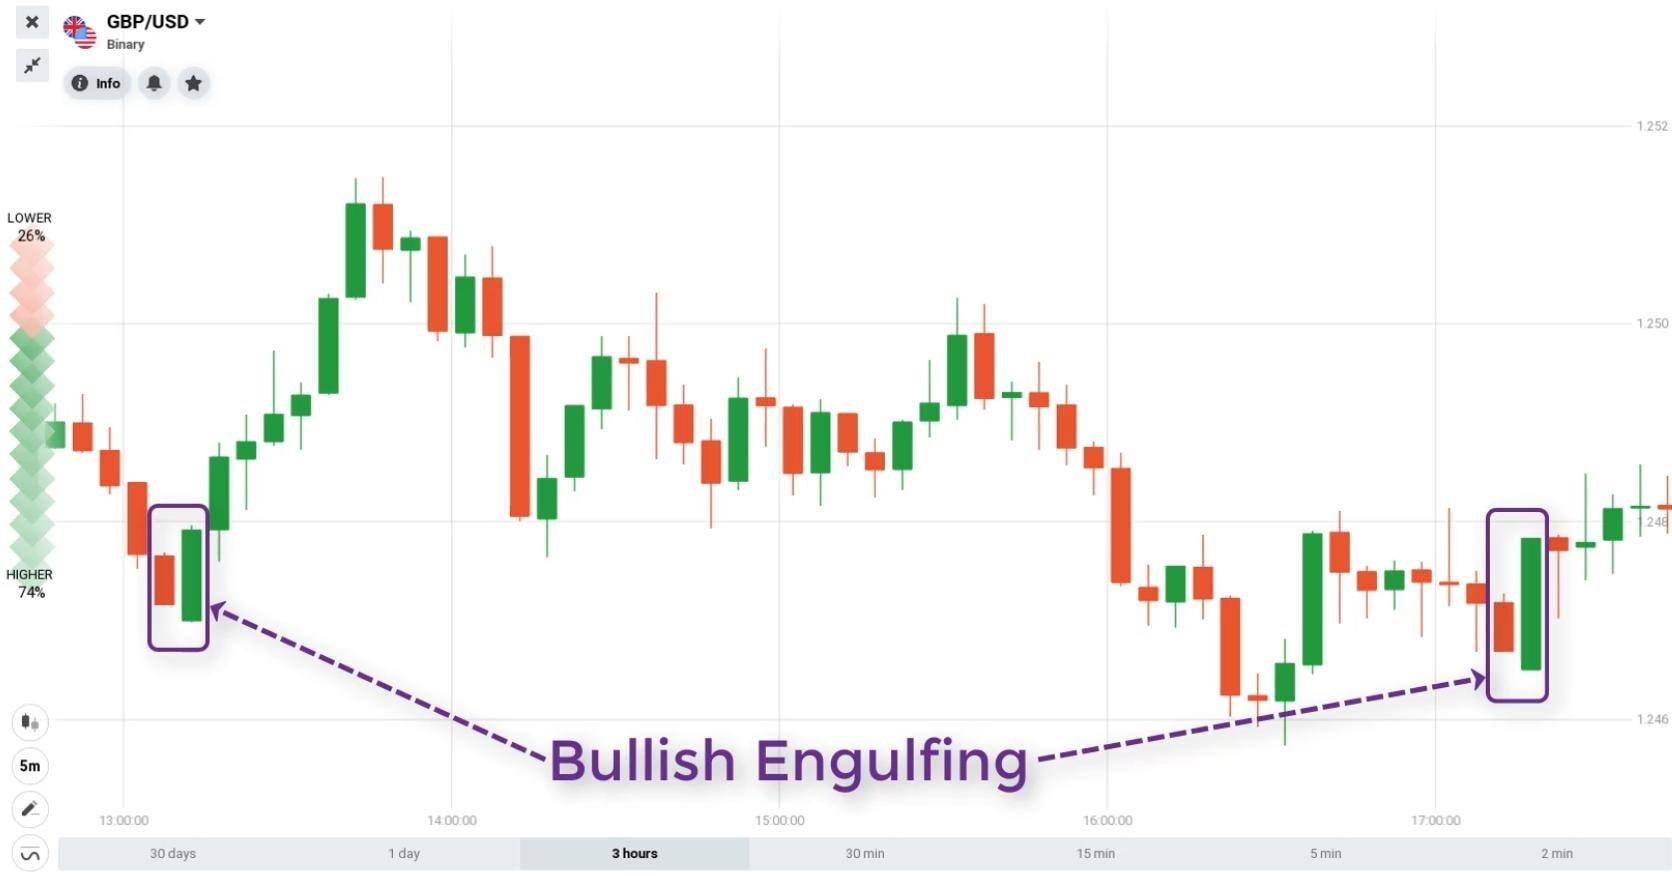 Đặc điểm mô hình nến Bullish Engulfing